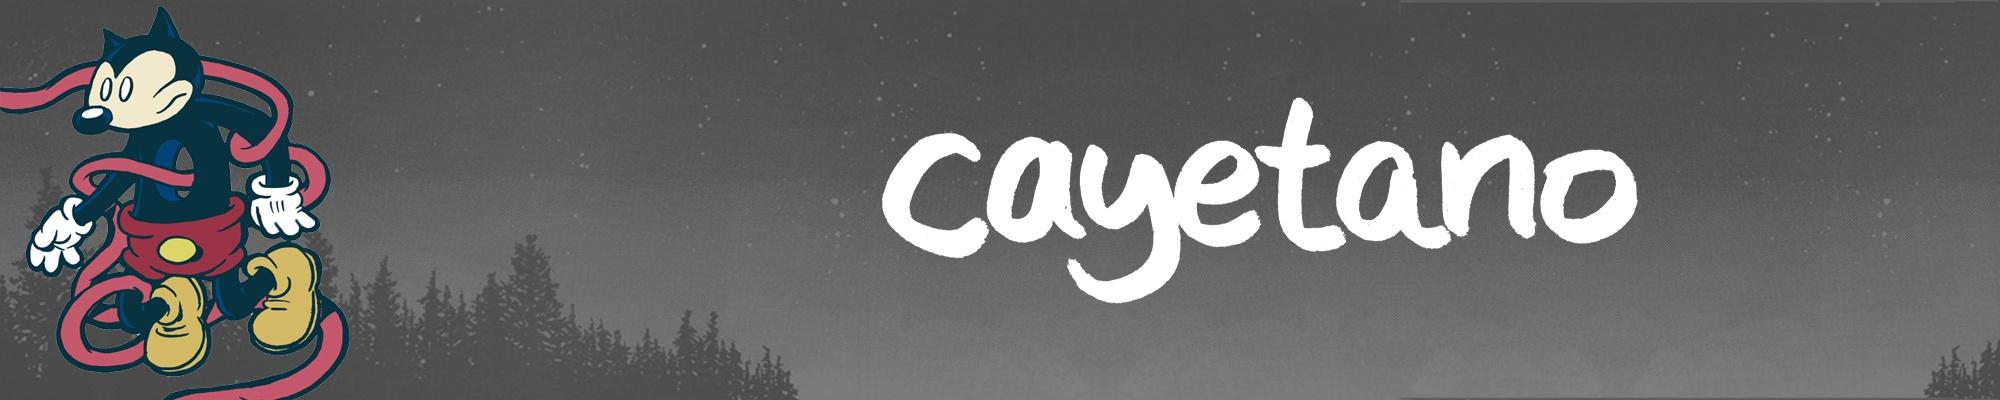 Cayetano Cover